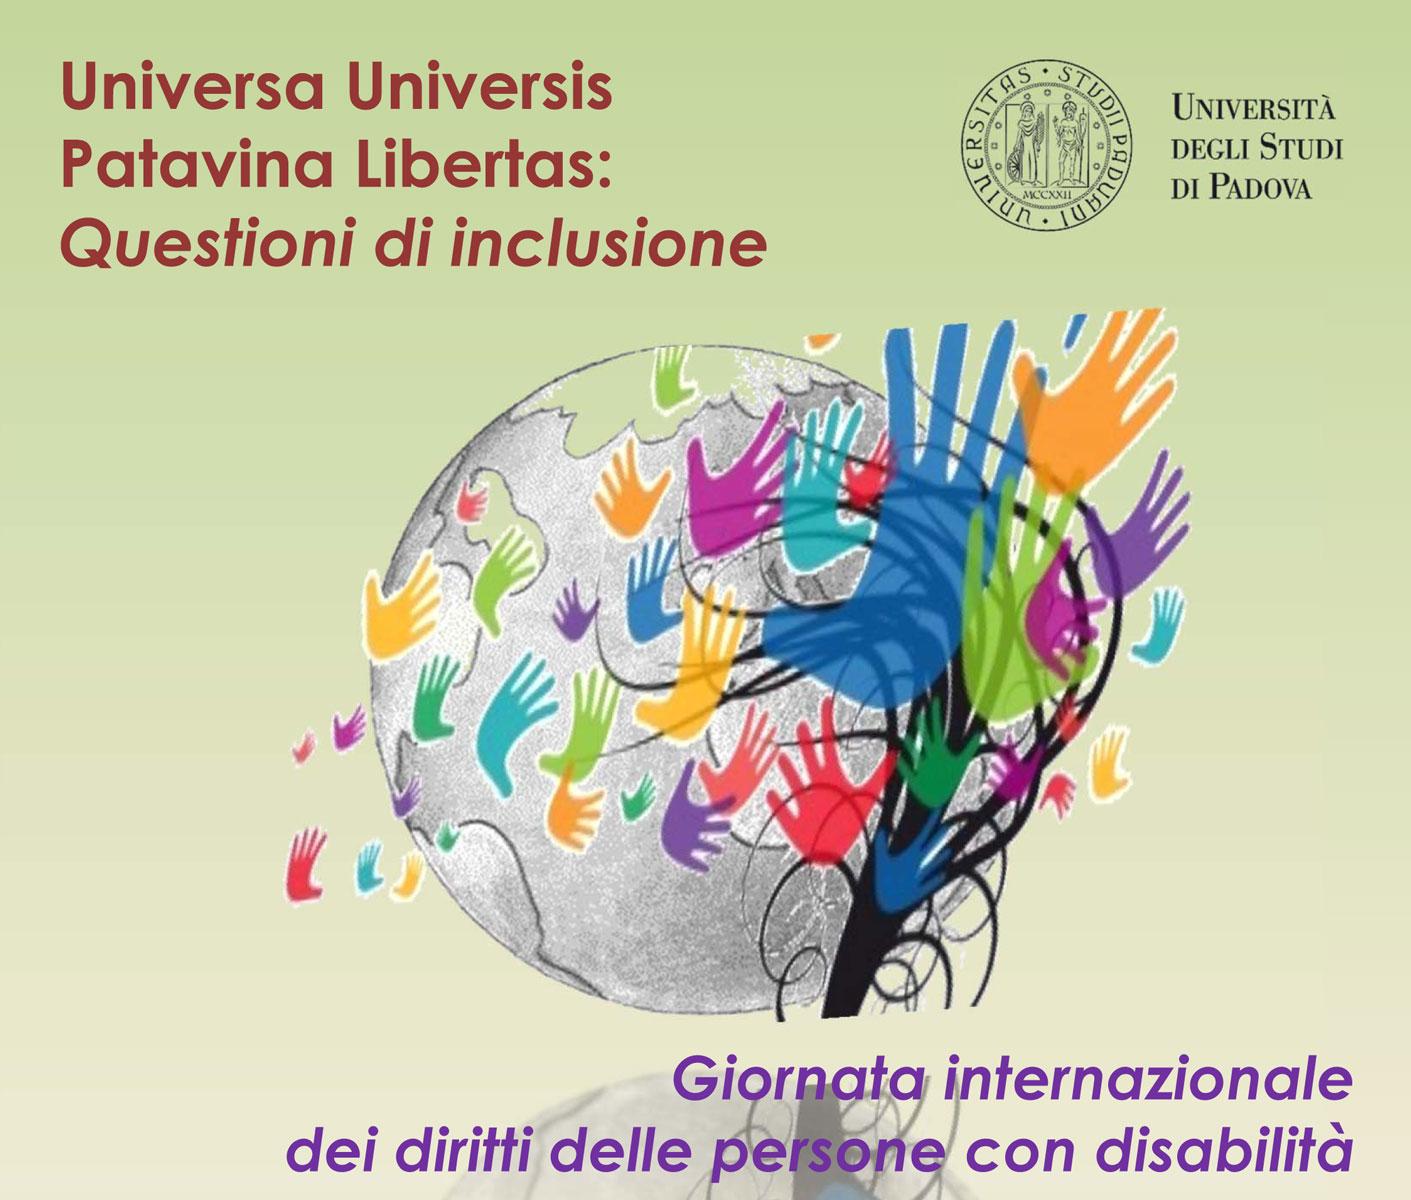 Università di Padova, Questioni di inclusione, 3 dicembre 2015, Giornata Internazionale delle Persone con Disabilità